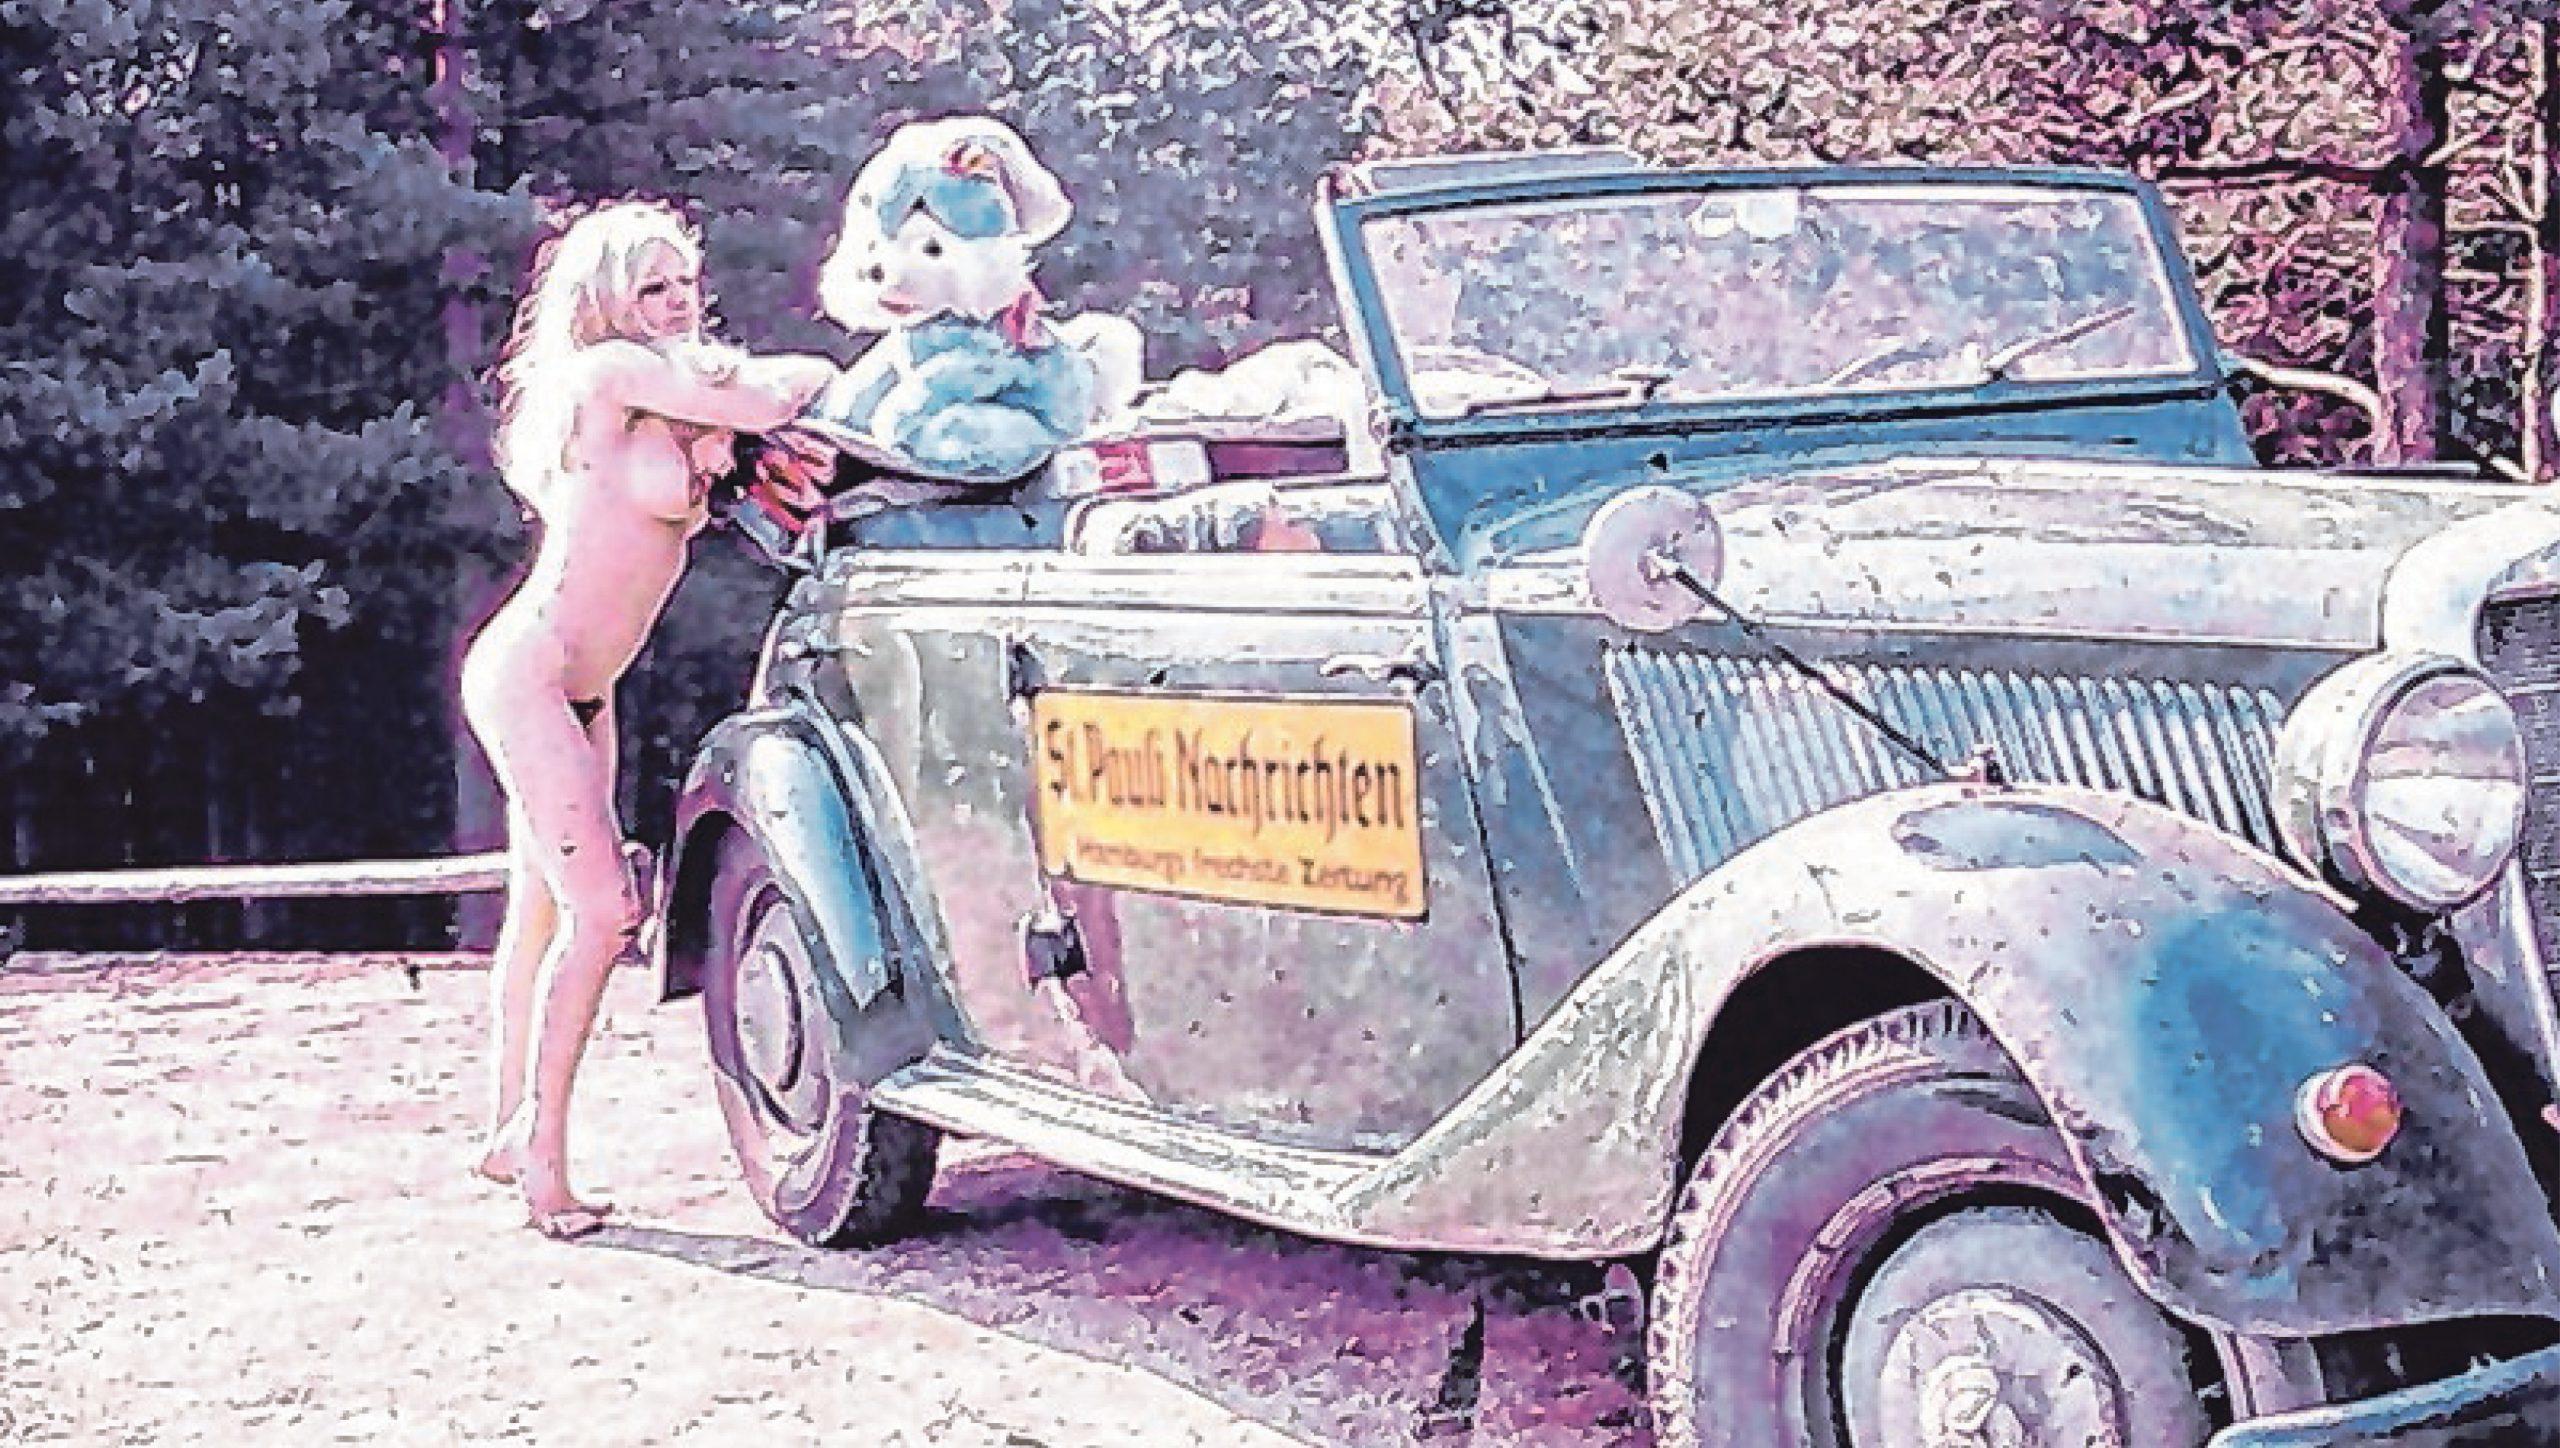 Ganze 400 Mark (200 Euro) hat Günter Zint 1960 für den Mercedes 170 gezahlt. Ein paar Jahre später entstand dieses Bild mit einer unbekannten Nackten und einem Plüschtier.